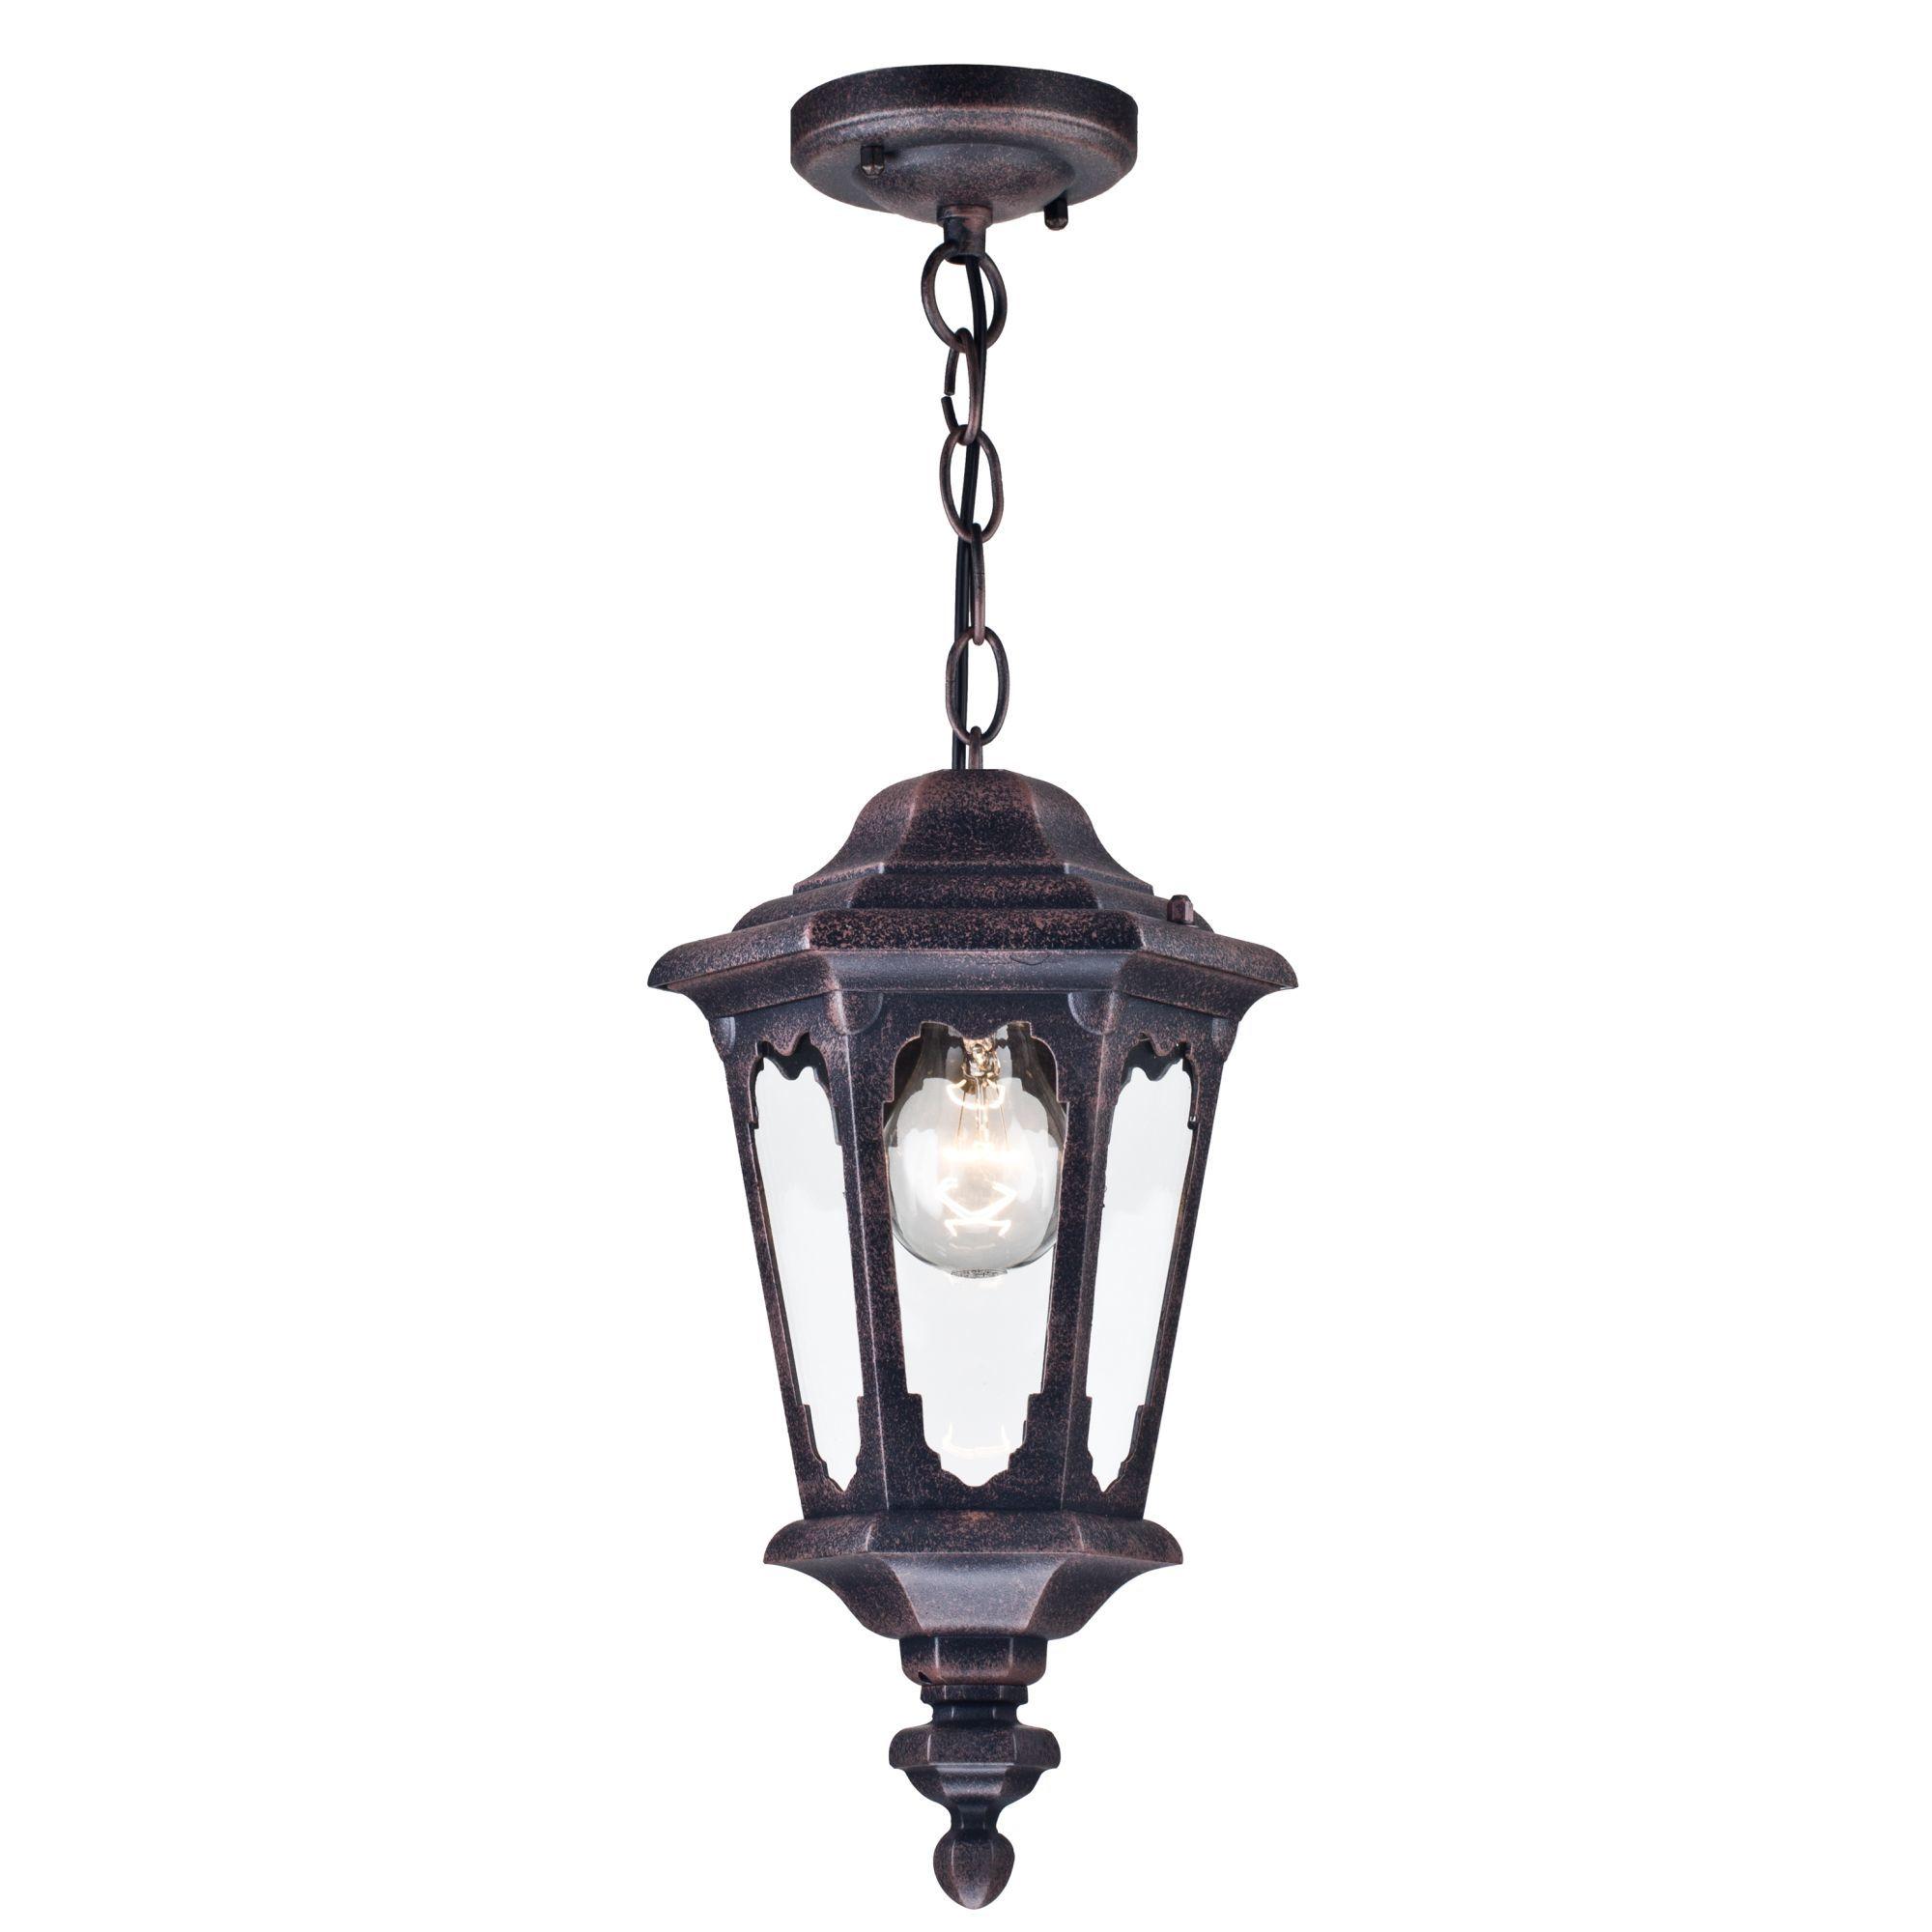 Подвесной светильник Maytoni Oxford S101-10-41-B, IP44, 1xE27x60W, черный, прозрачный, металл, металл со стеклом - фото 1